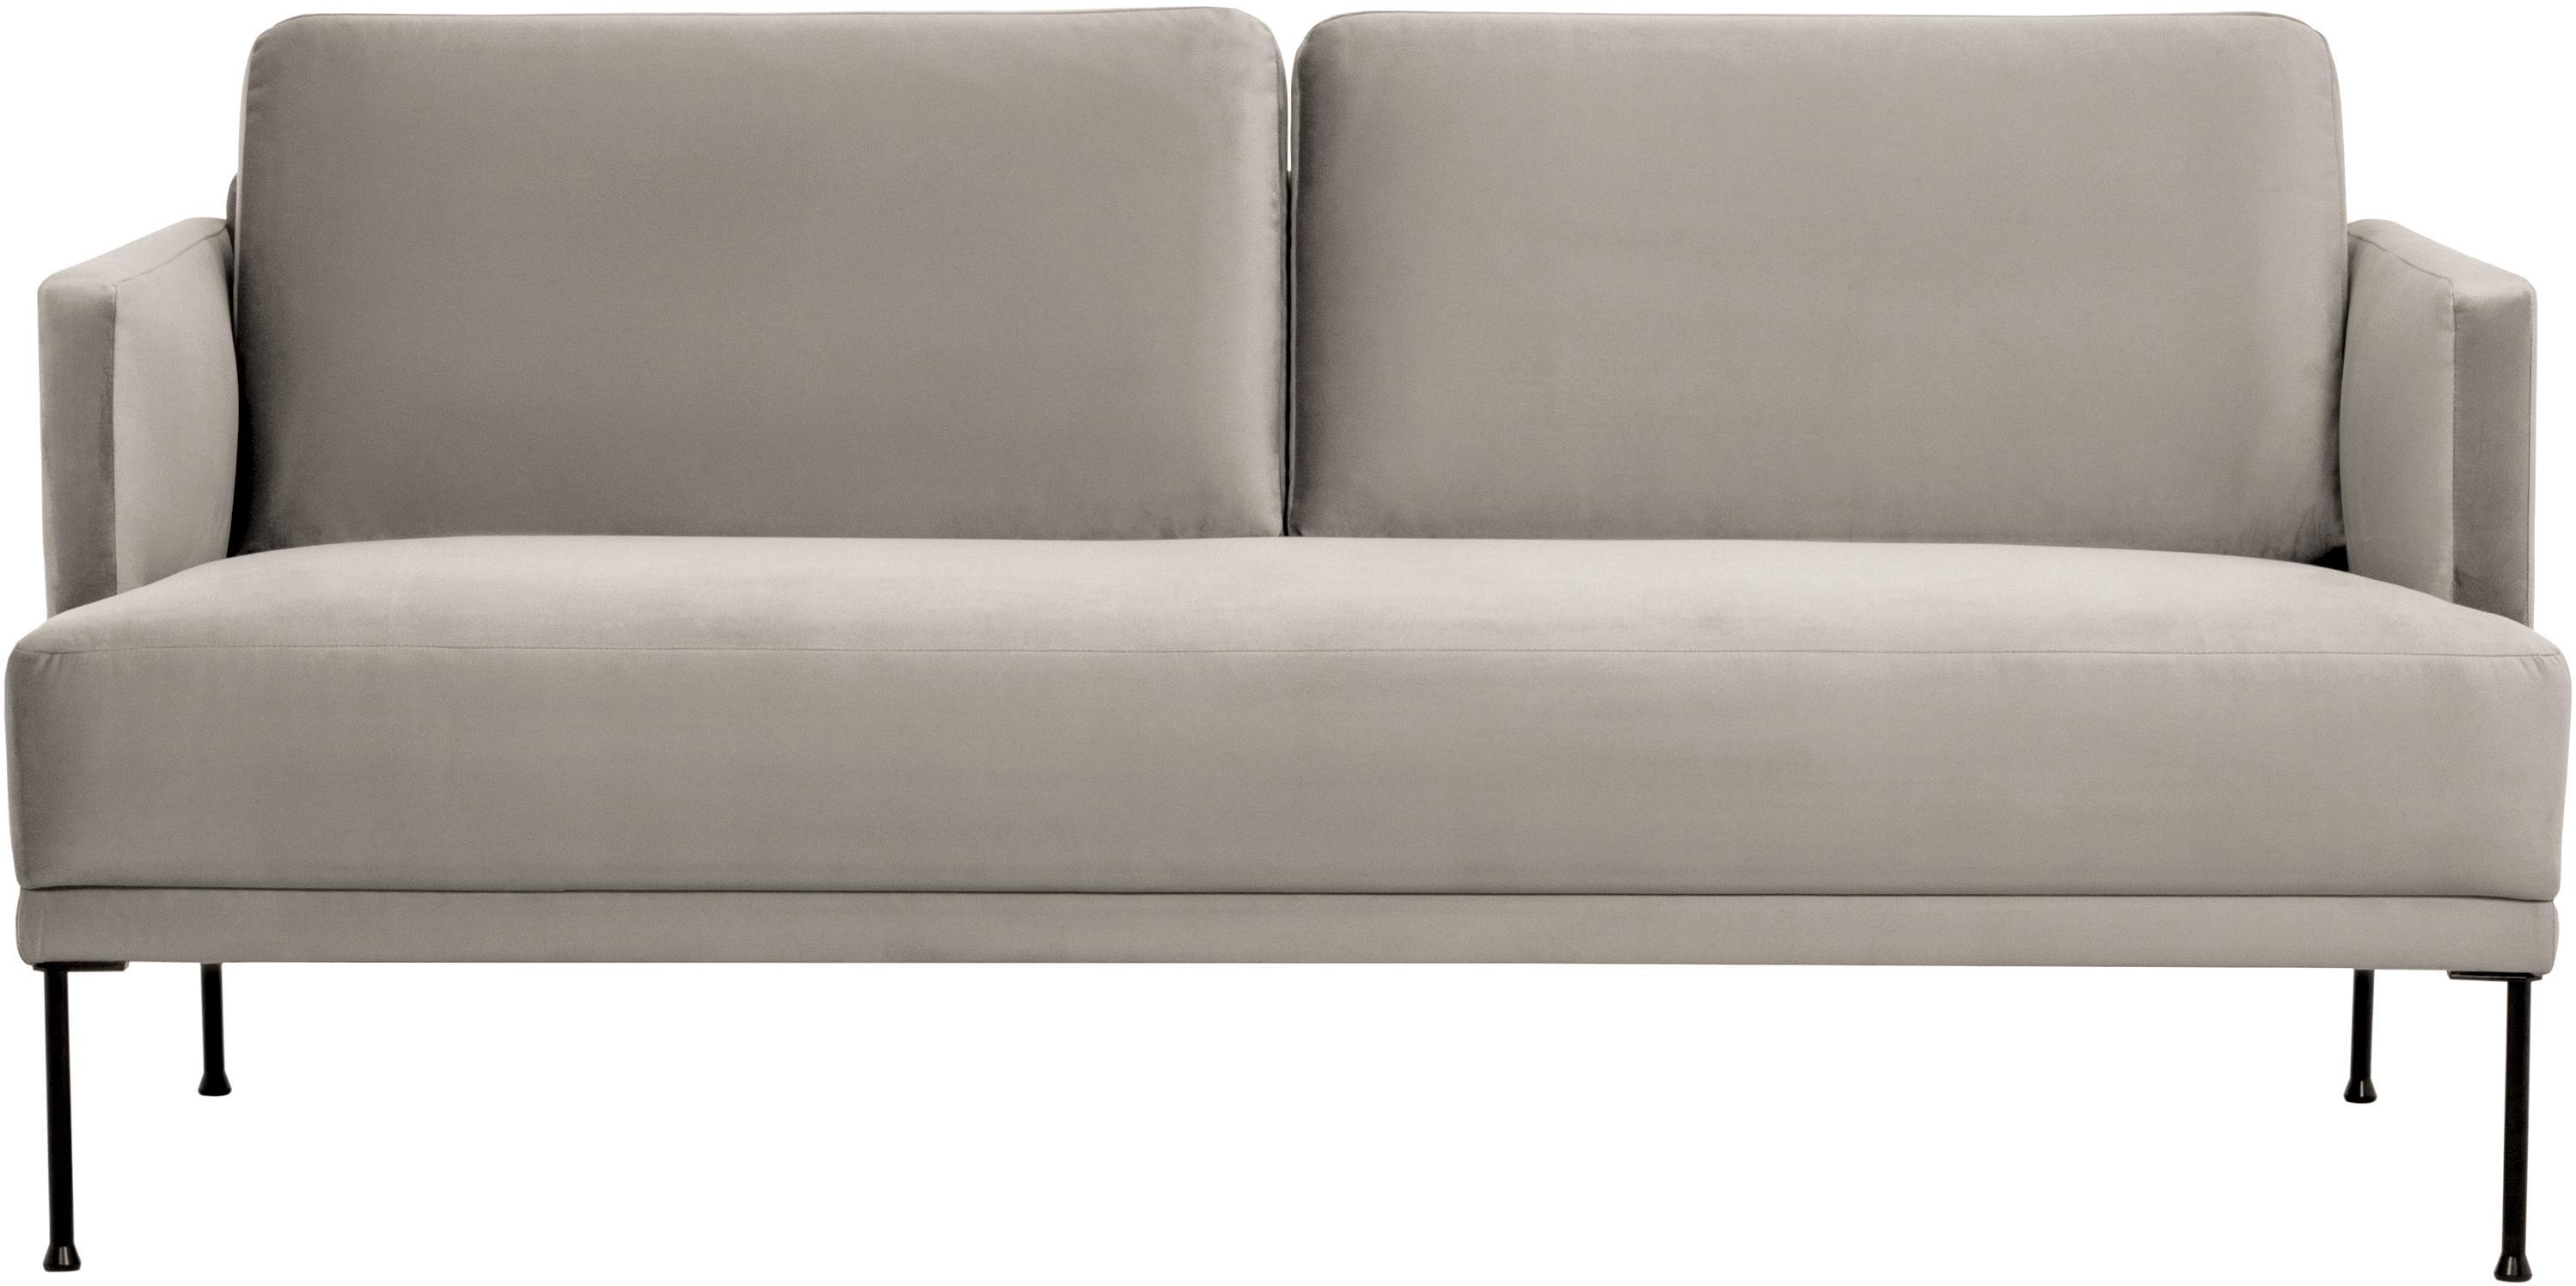 Fluwelen bank Fluente (2-zits), Bekleding: fluweel (hoogwaardig poly, Frame: massief grenenhout, Poten: gepoedercoat metaal, Fluweel beige, B 166 x D 85 cm